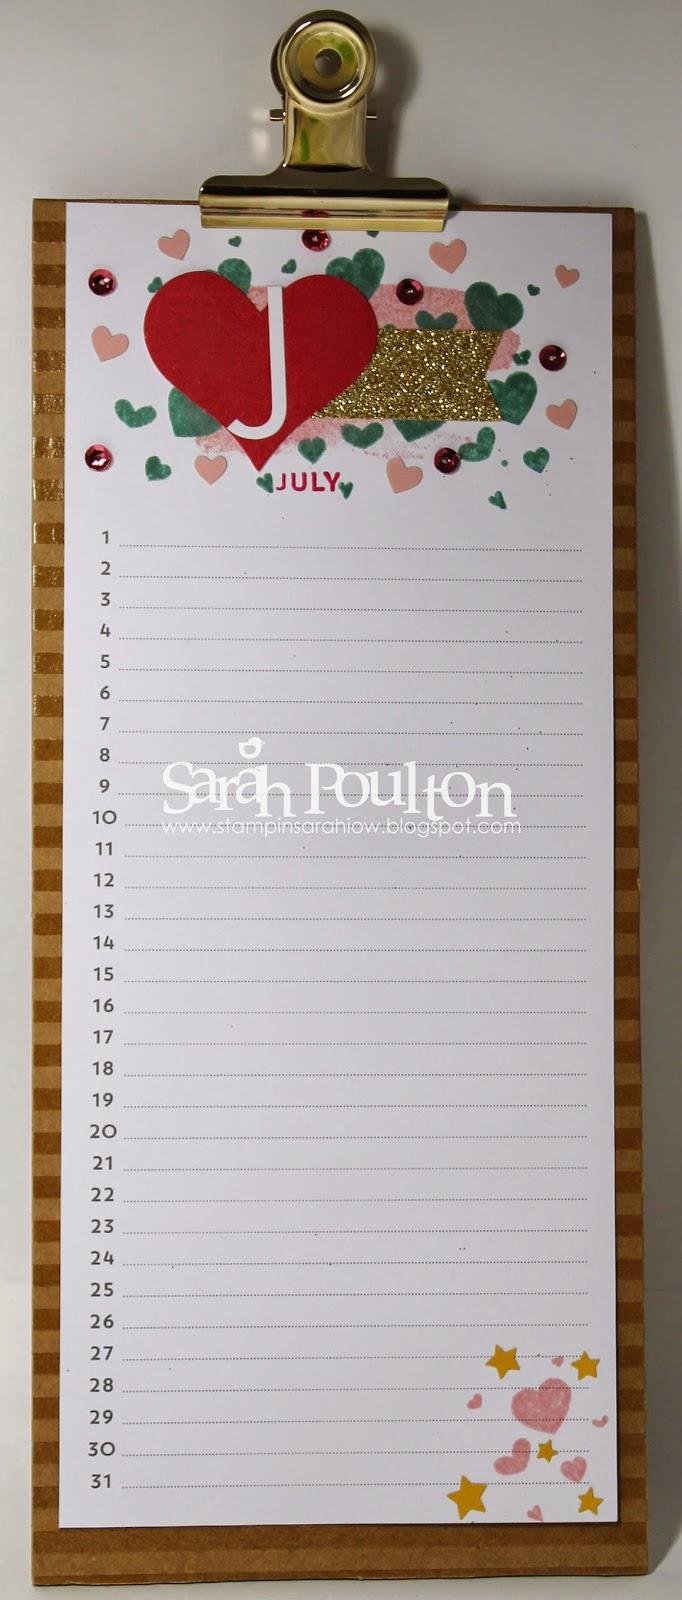 Stampin Up Calendar Ideas : Stampin sarah perpetual birthday calendar kit part